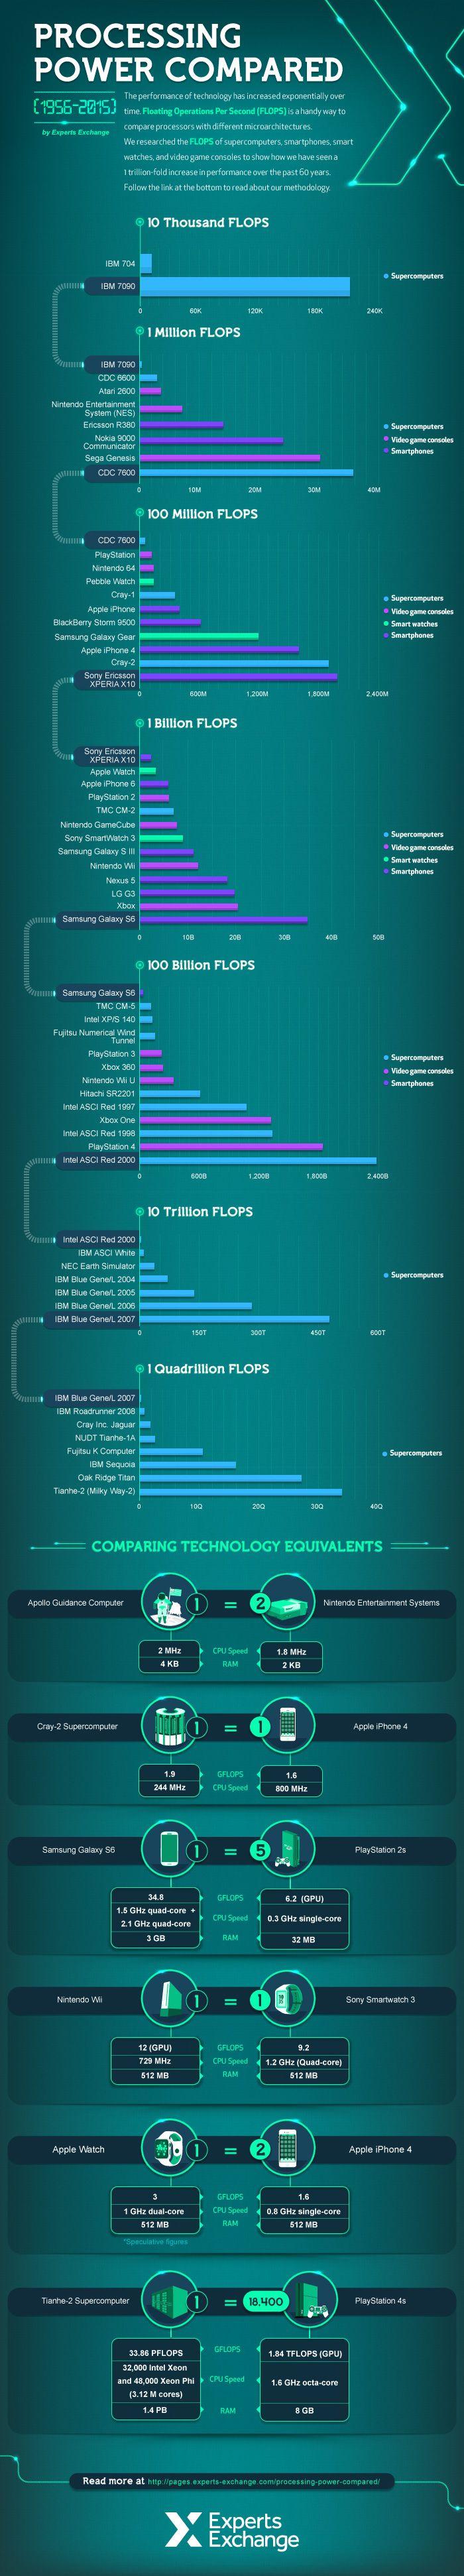 Visualizando como a potência dos computadores aumentou em um trilhão de vezes